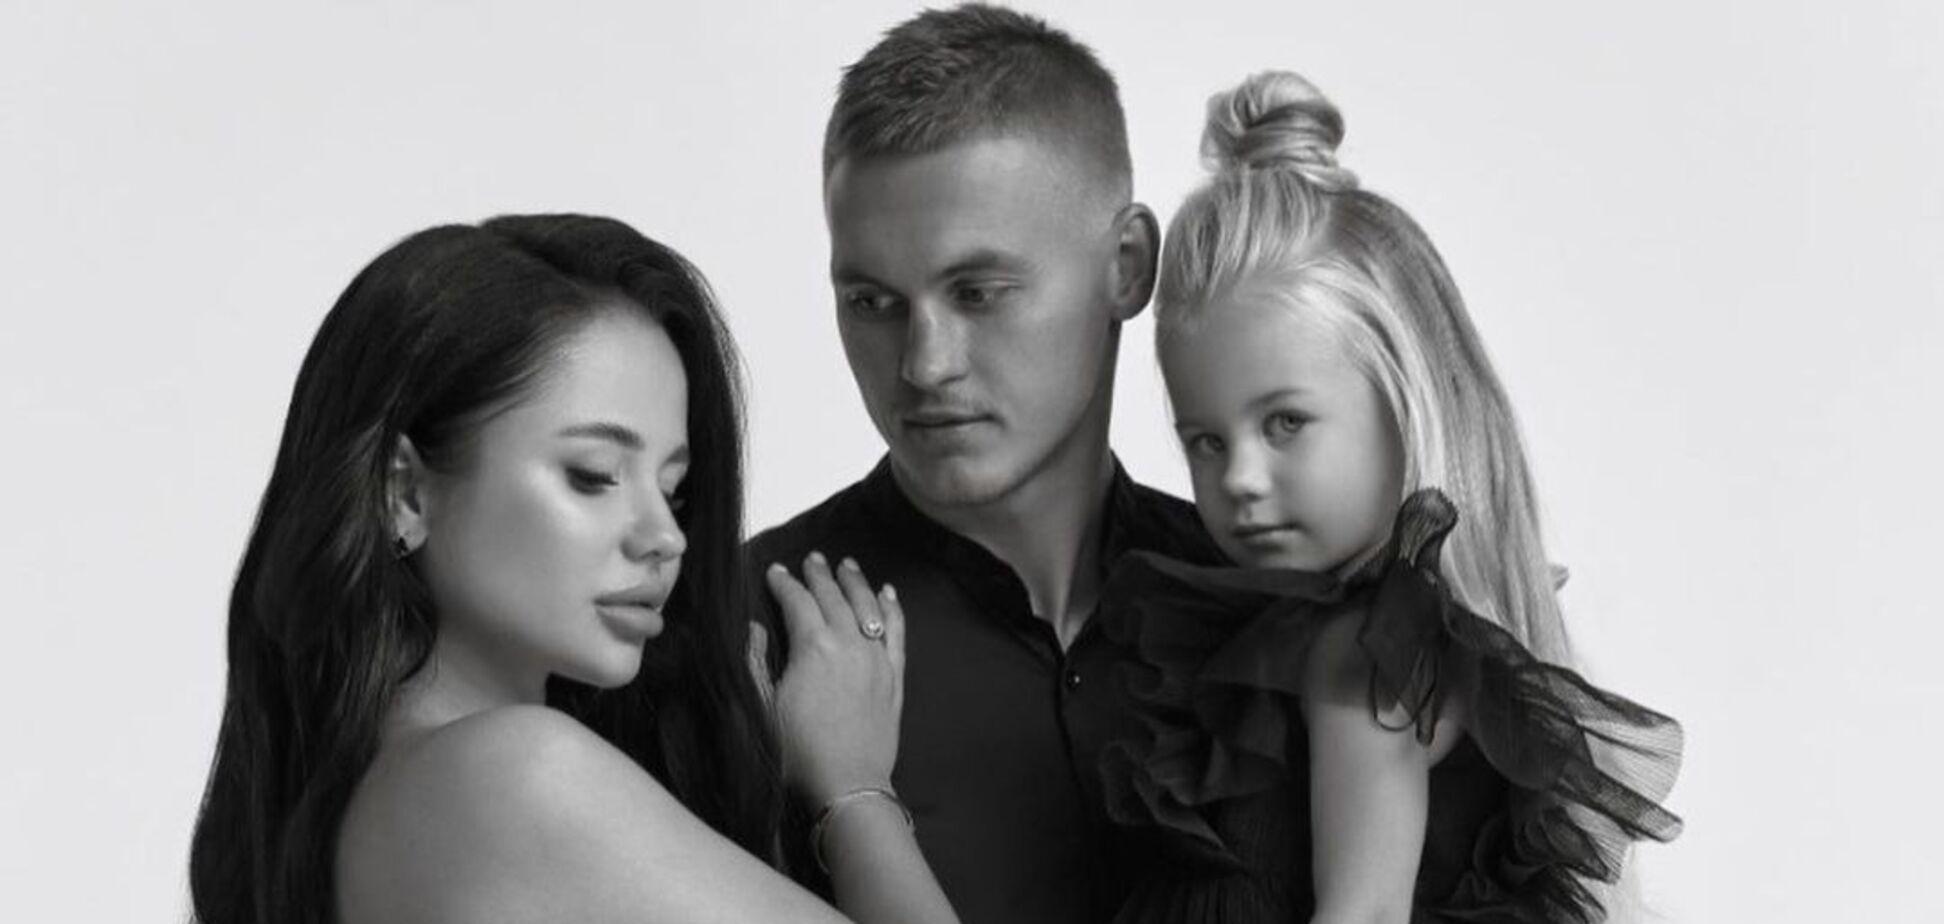 Беременная супруга лидера 'Динамо' снялась с дочерью в одинаковых нарядах